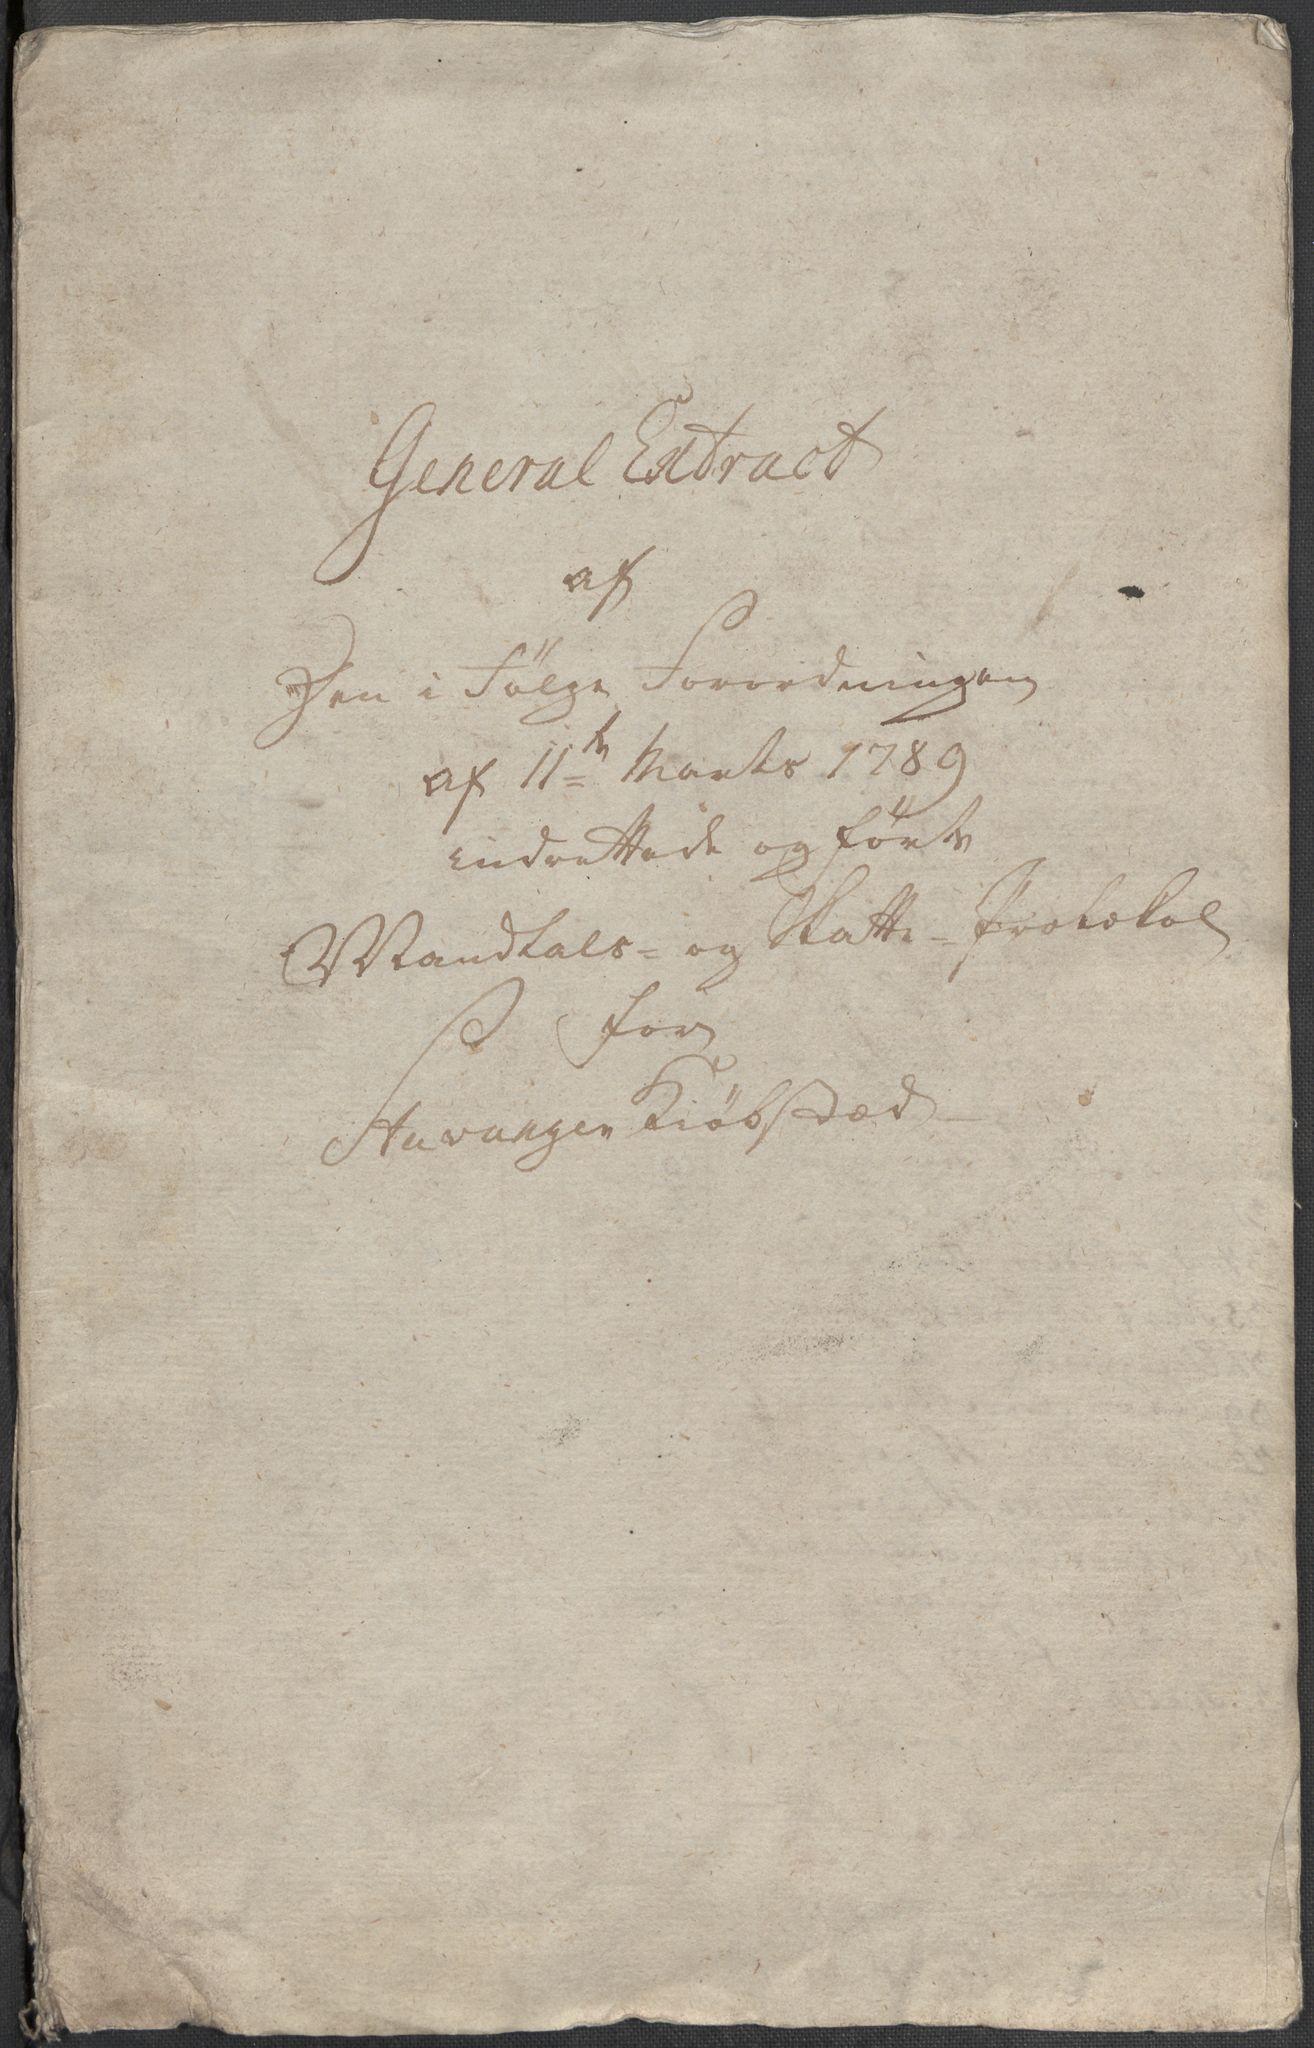 RA, Rentekammeret inntil 1814, Reviderte regnskaper, Mindre regnskaper, Rf/Rfe/L0045: Stavanger, Stjørdal og Verdal fogderi, 1789, p. 25